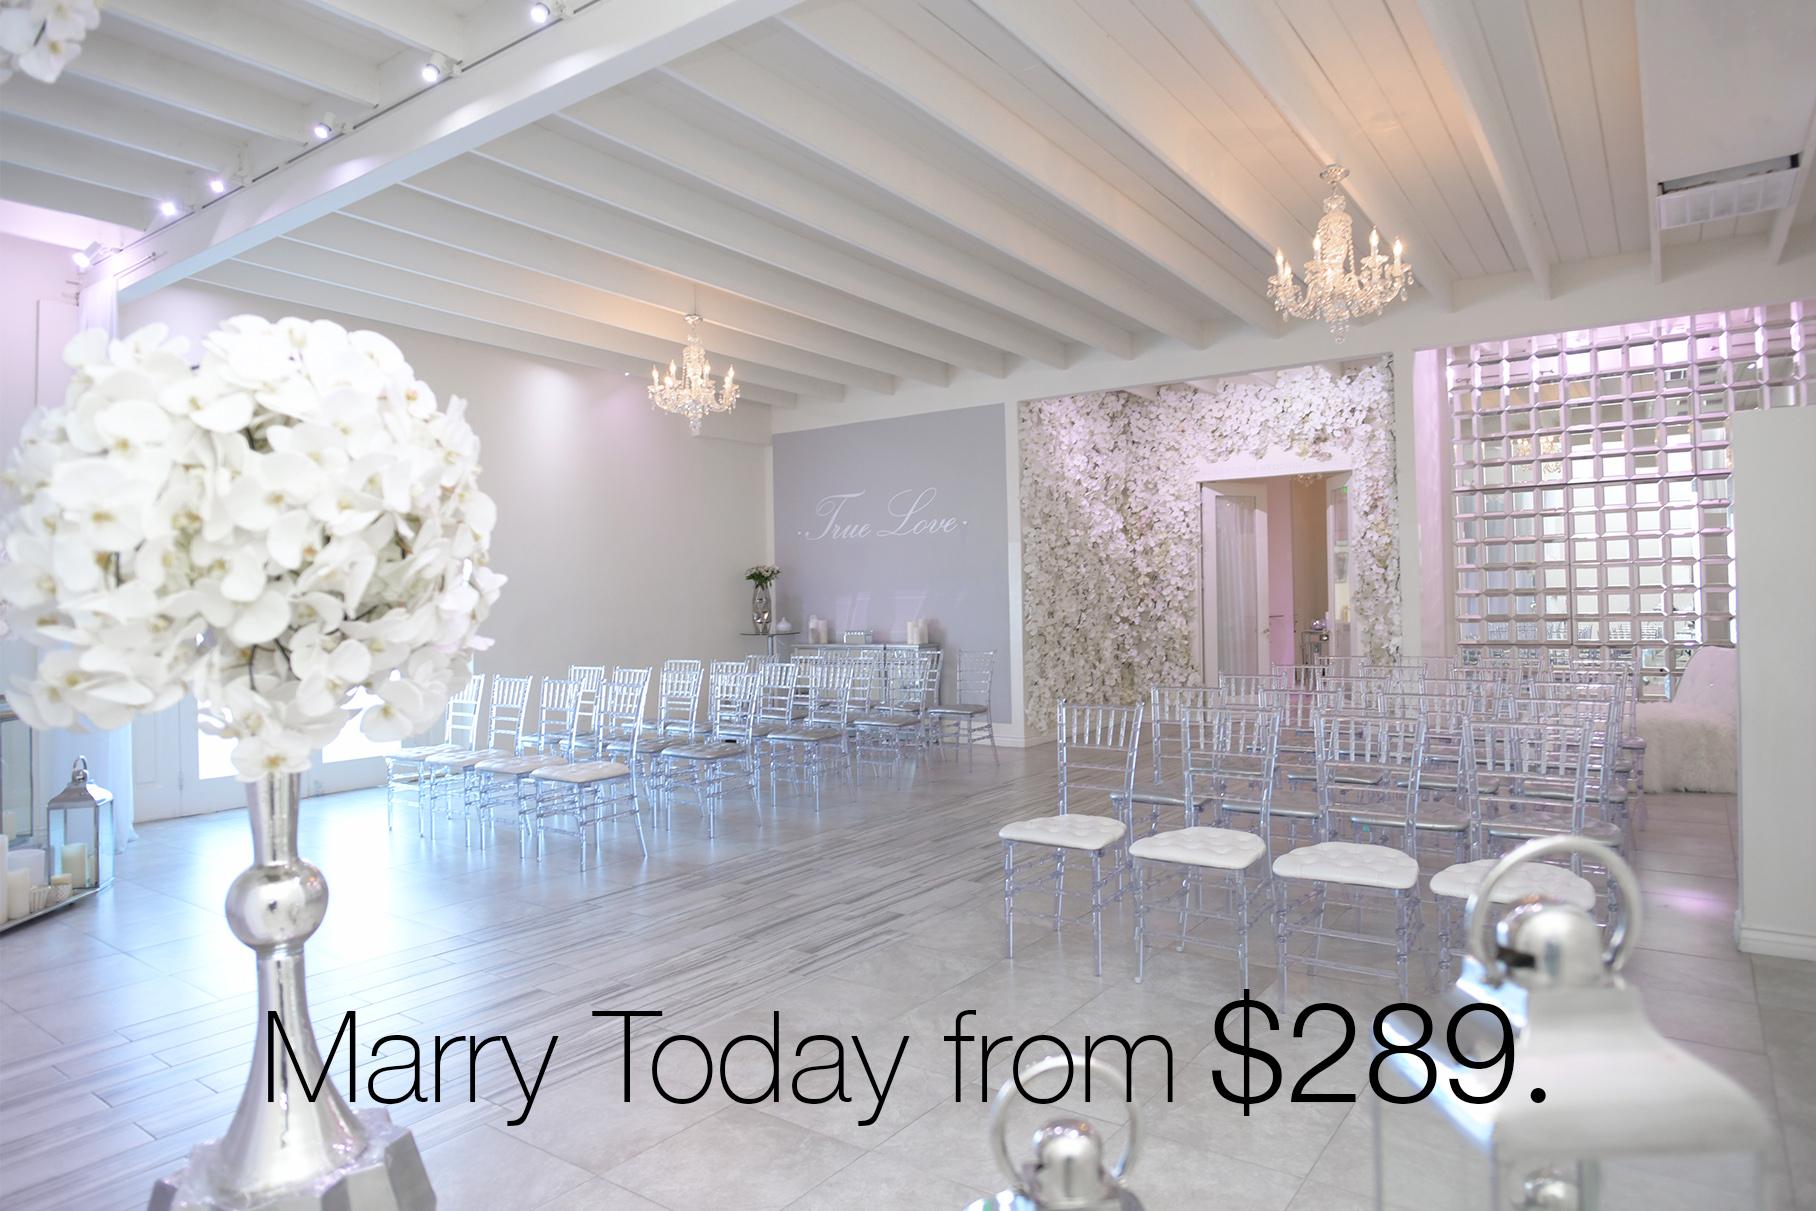 Albertson Wedding Chapel in Los Angeles affordable wedding ceremonies on La Brea Ave